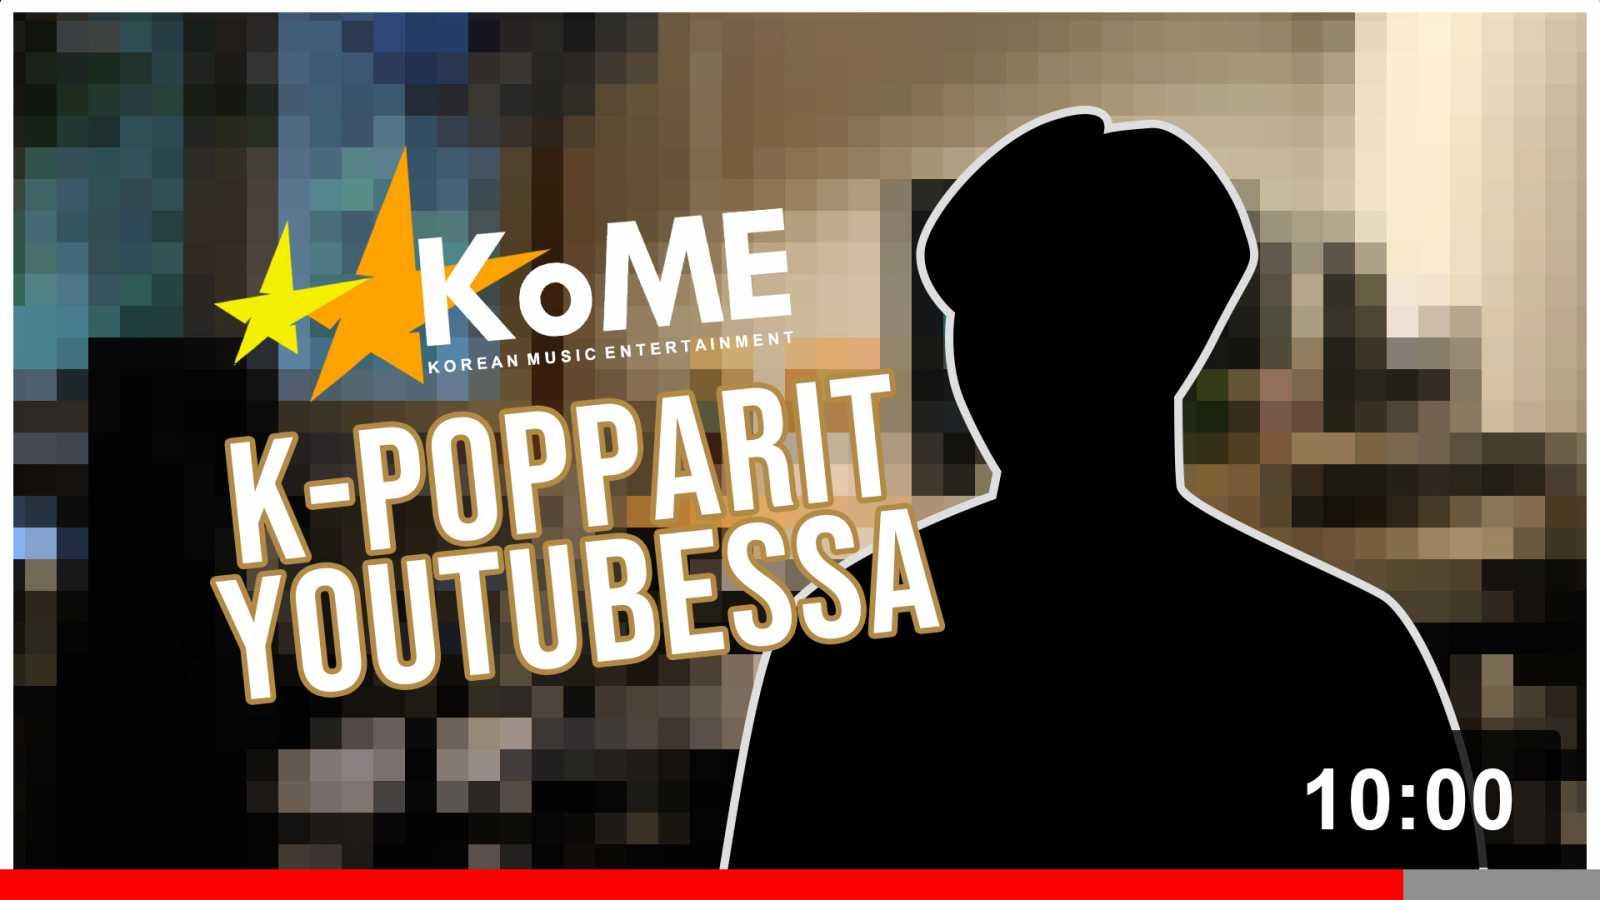 K-popparit YouTubessa